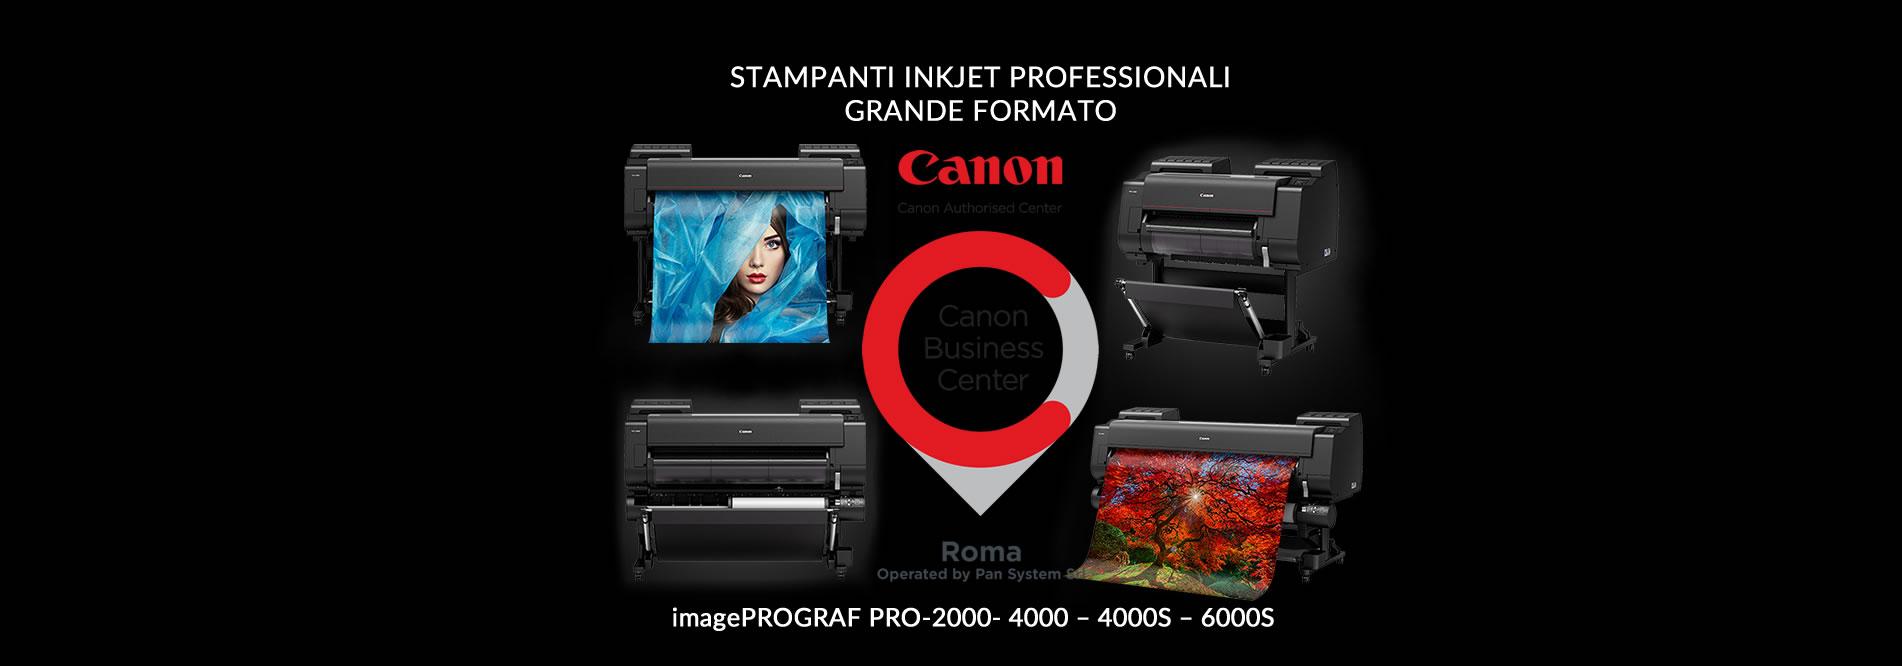 imagePROGRAF PRO-2000